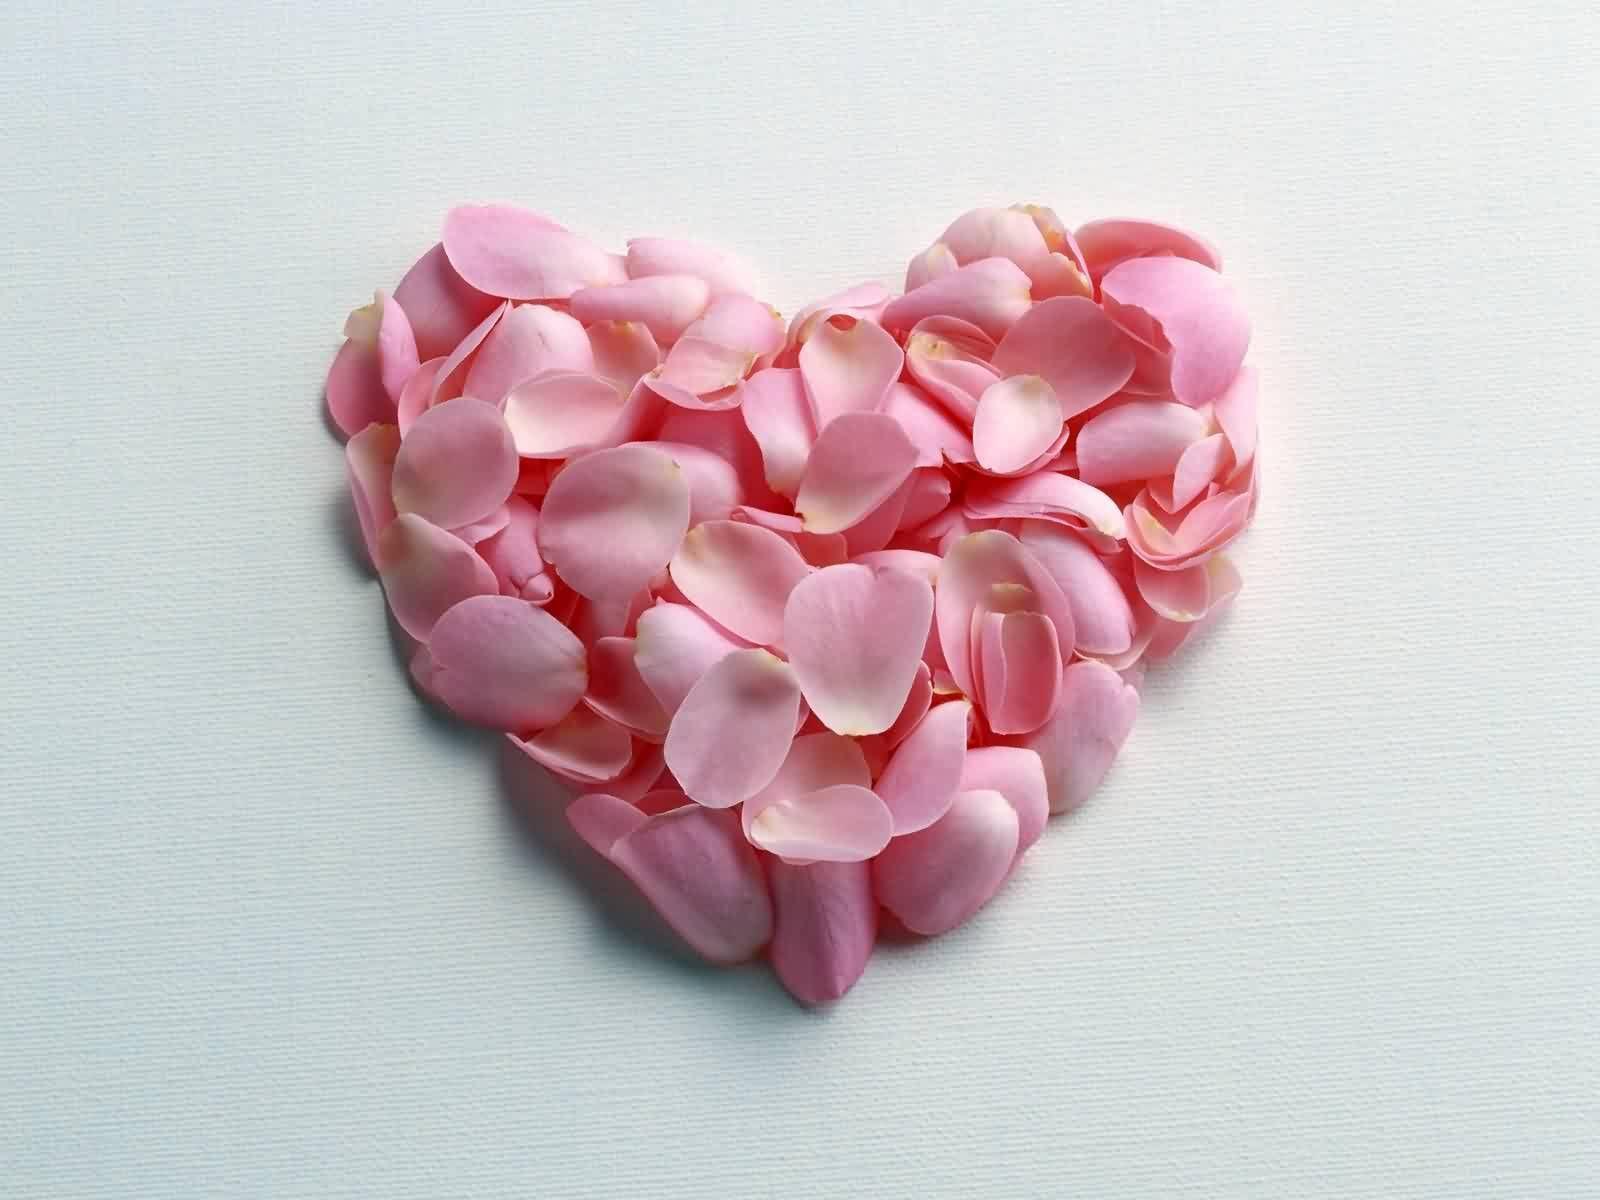 Love love 14984228 1600 1200